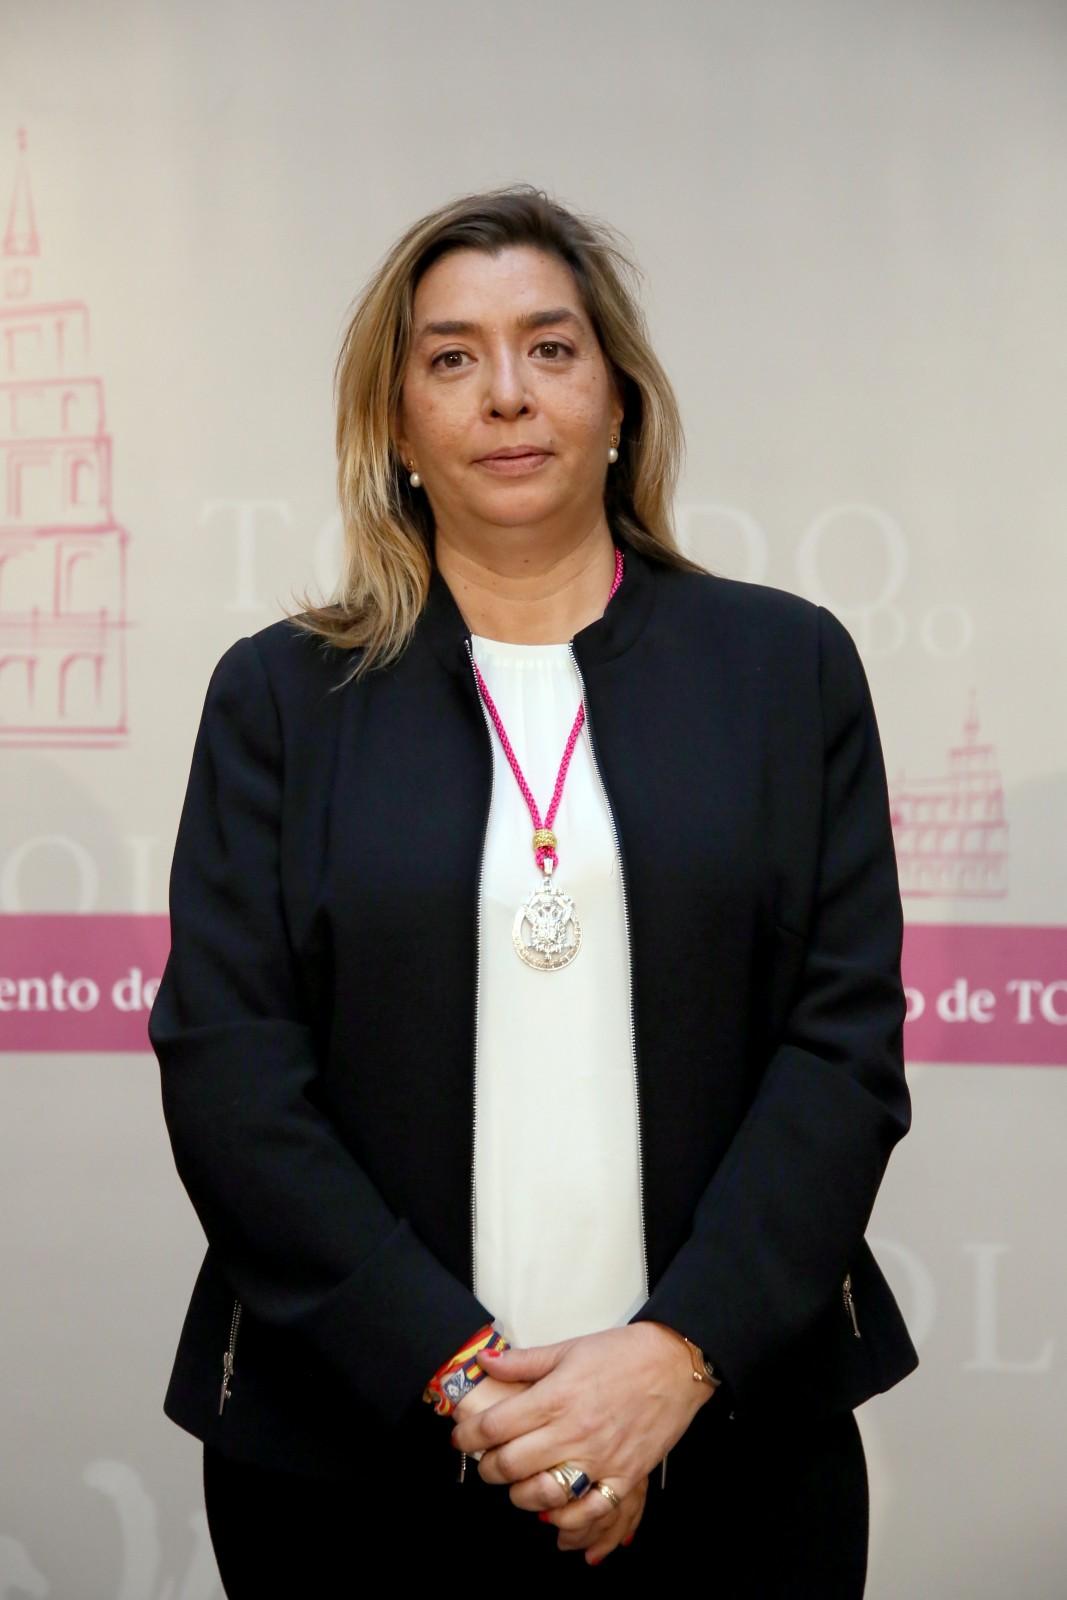 María de los Ángeles Ramos Fernández